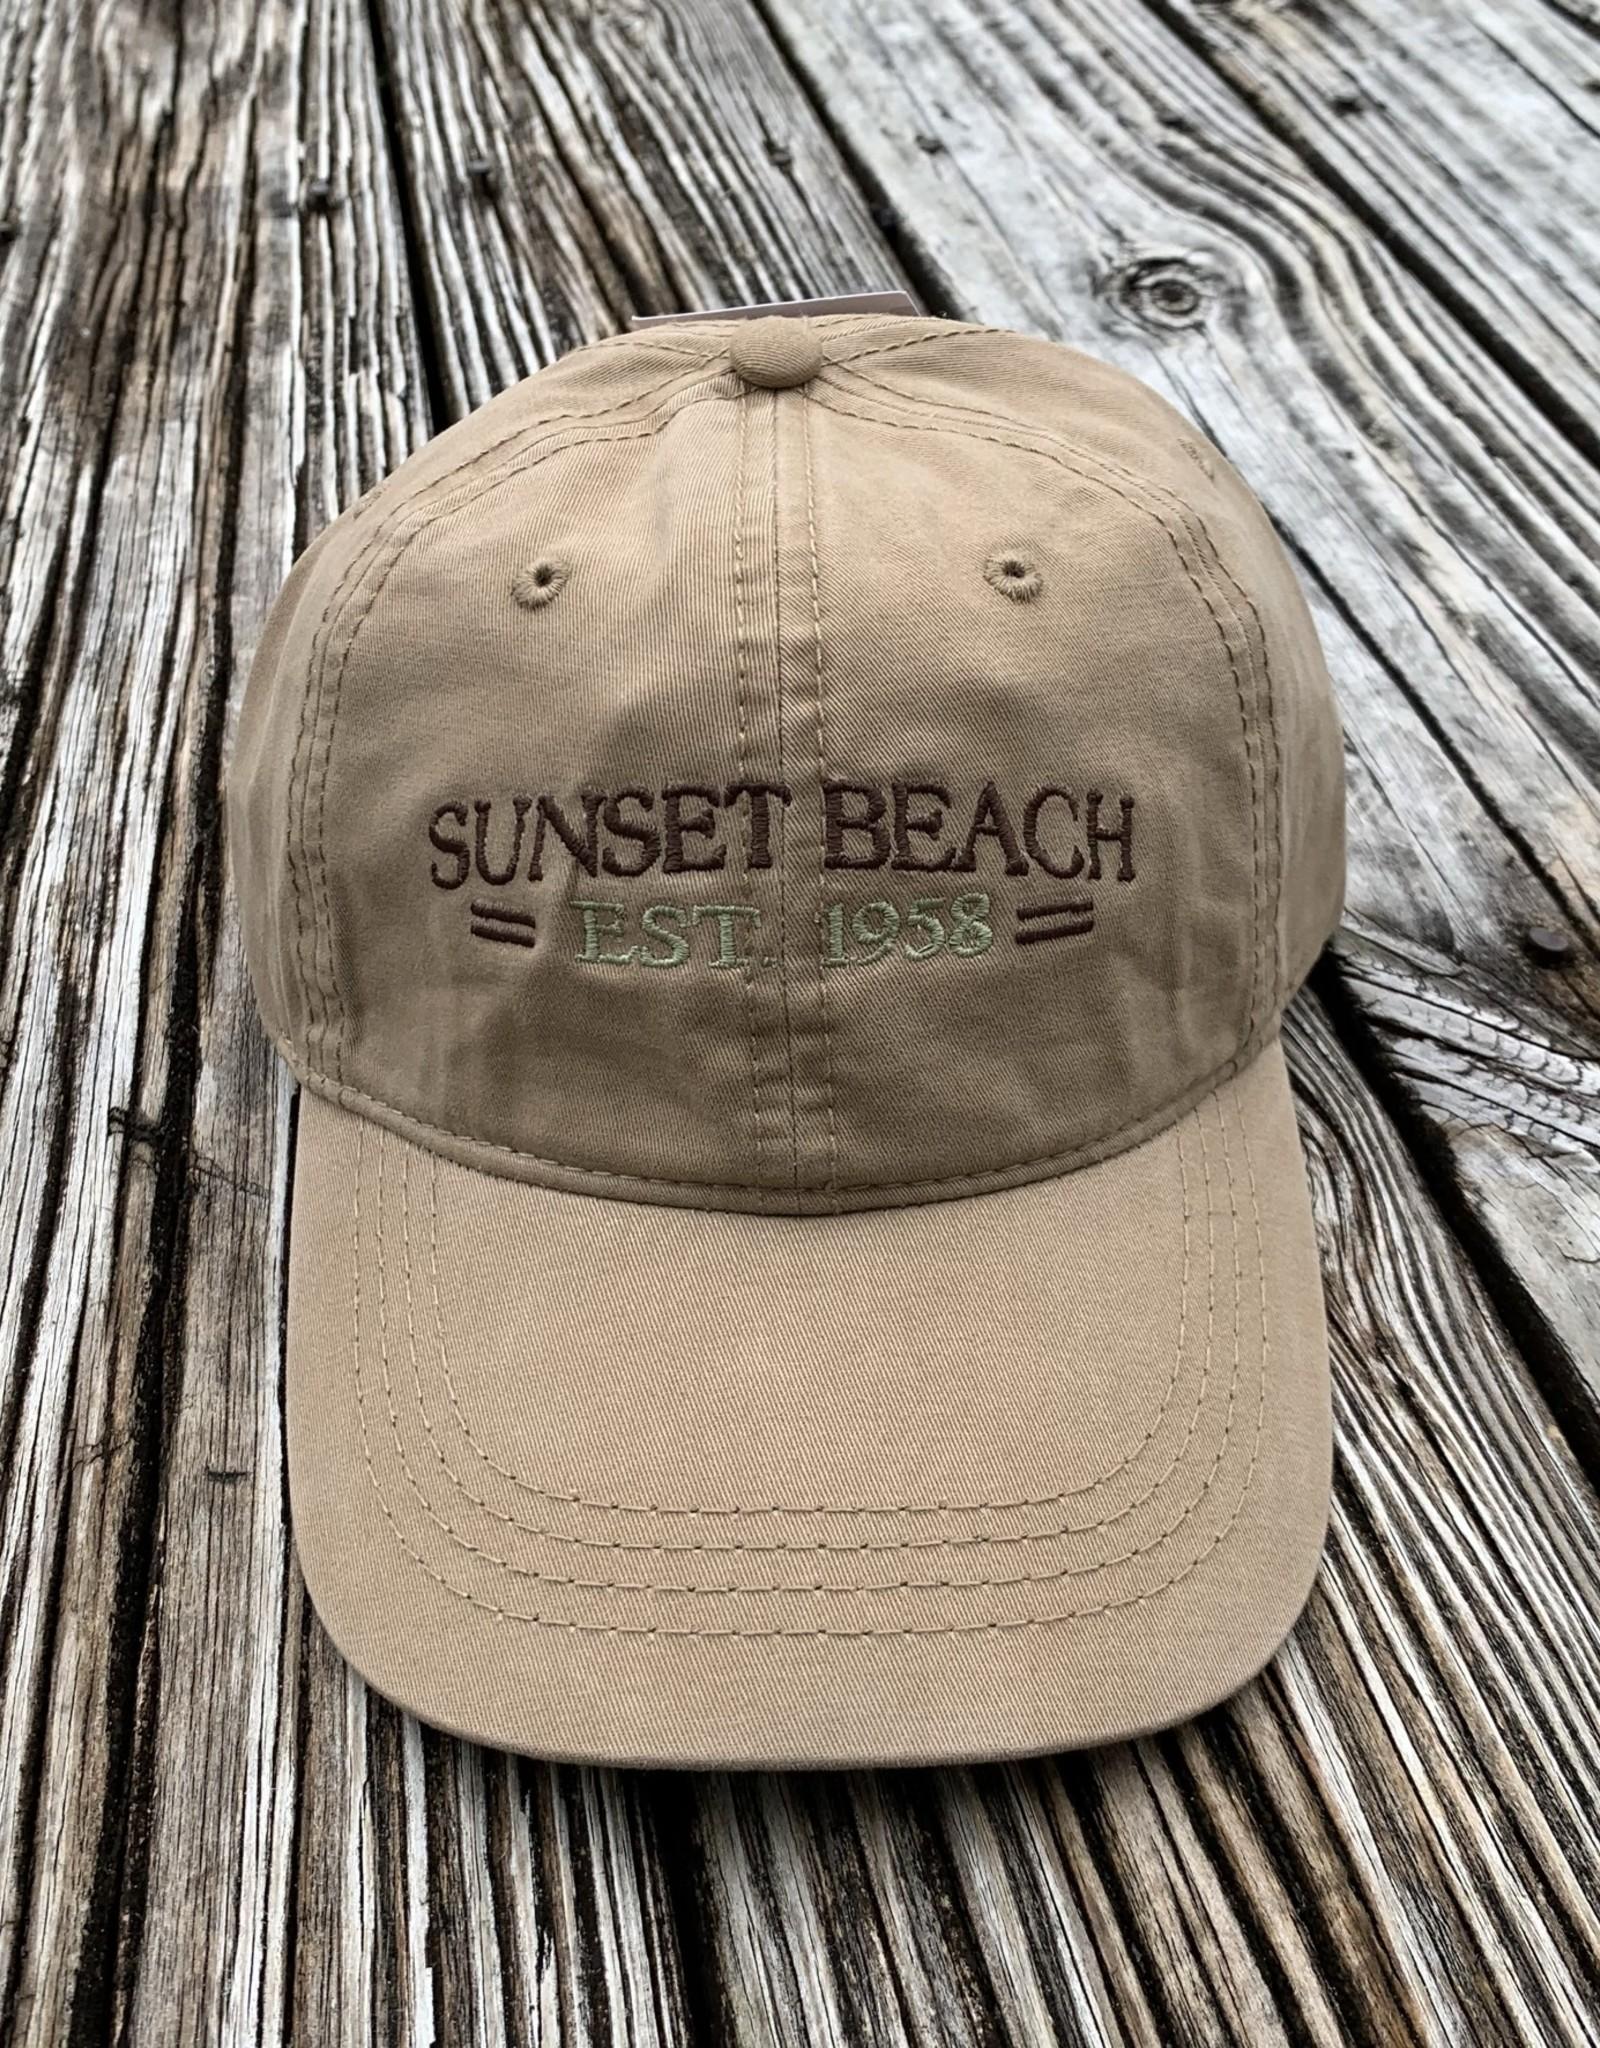 1958 SUNSET BEACH CAP SILK